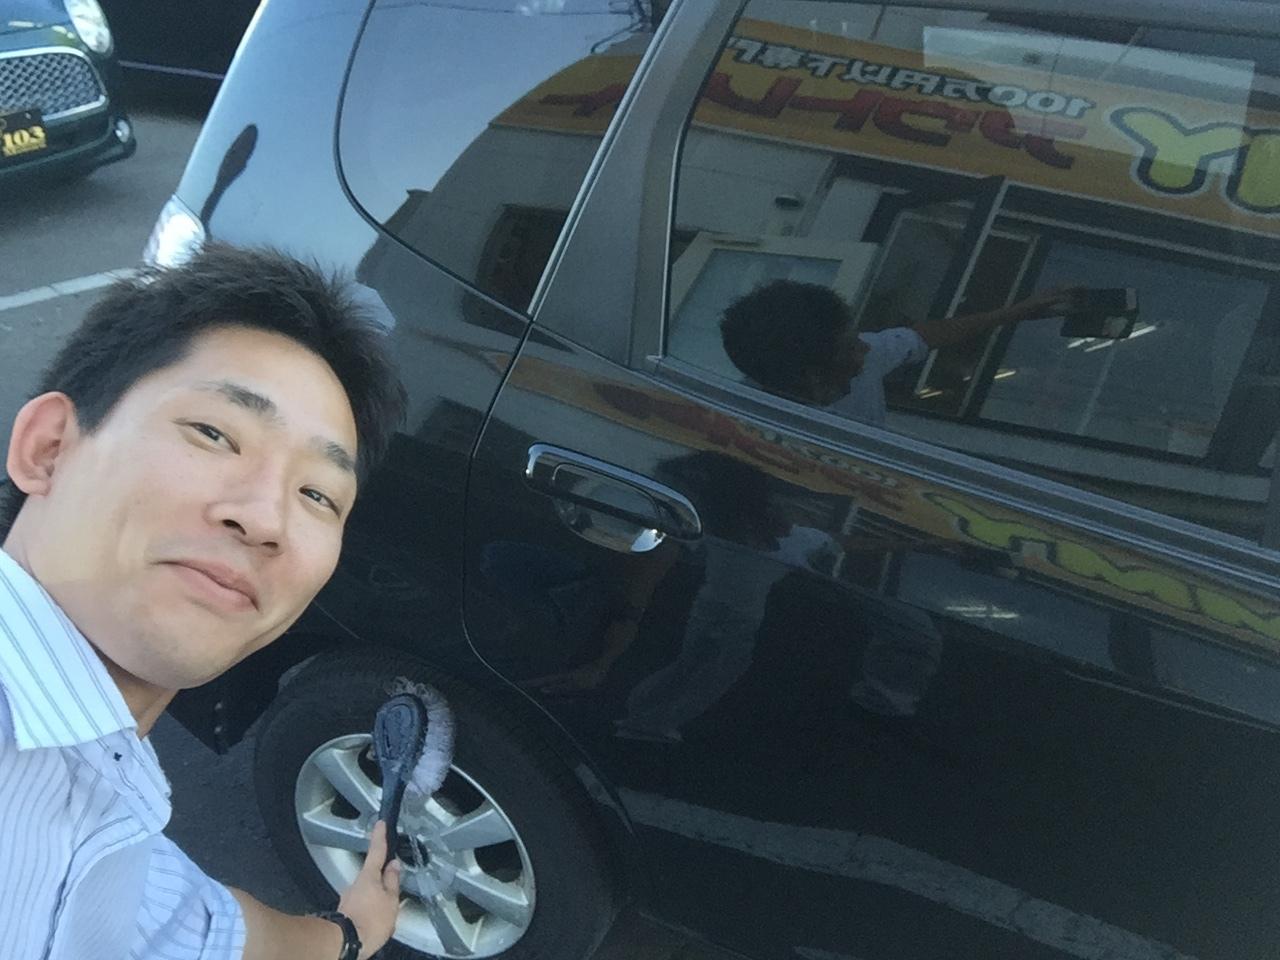 8月6日(土)トミーアウトレット☆グッチーブログ♪K様ラフェスタ納車!!自社ローン☆ローンサポート_b0127002_16274950.jpg